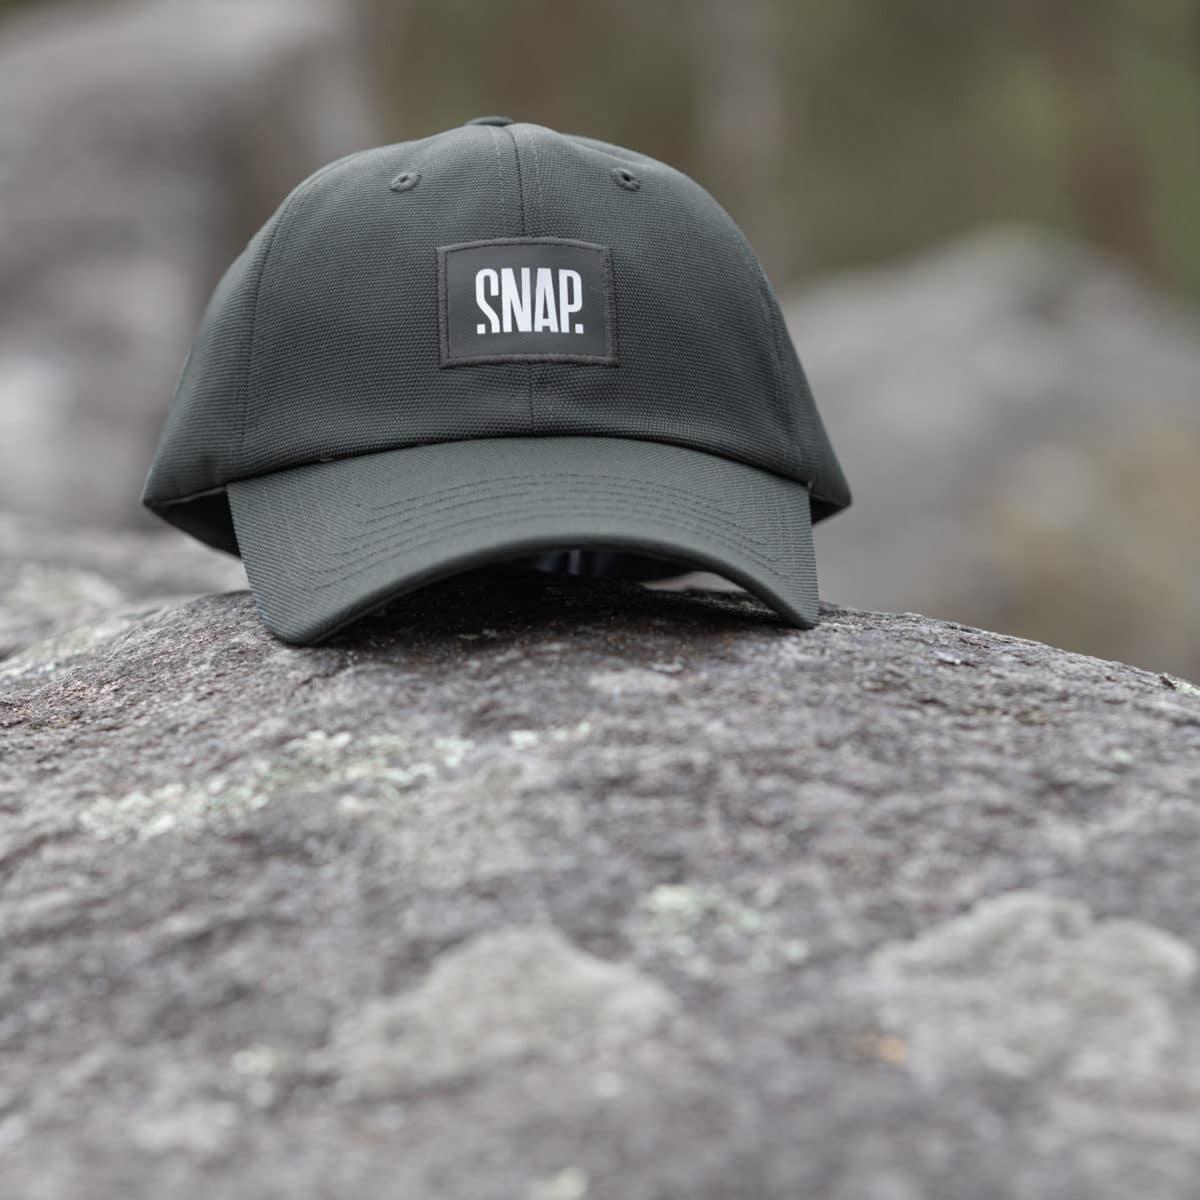 cap for climber in crash pad scraps